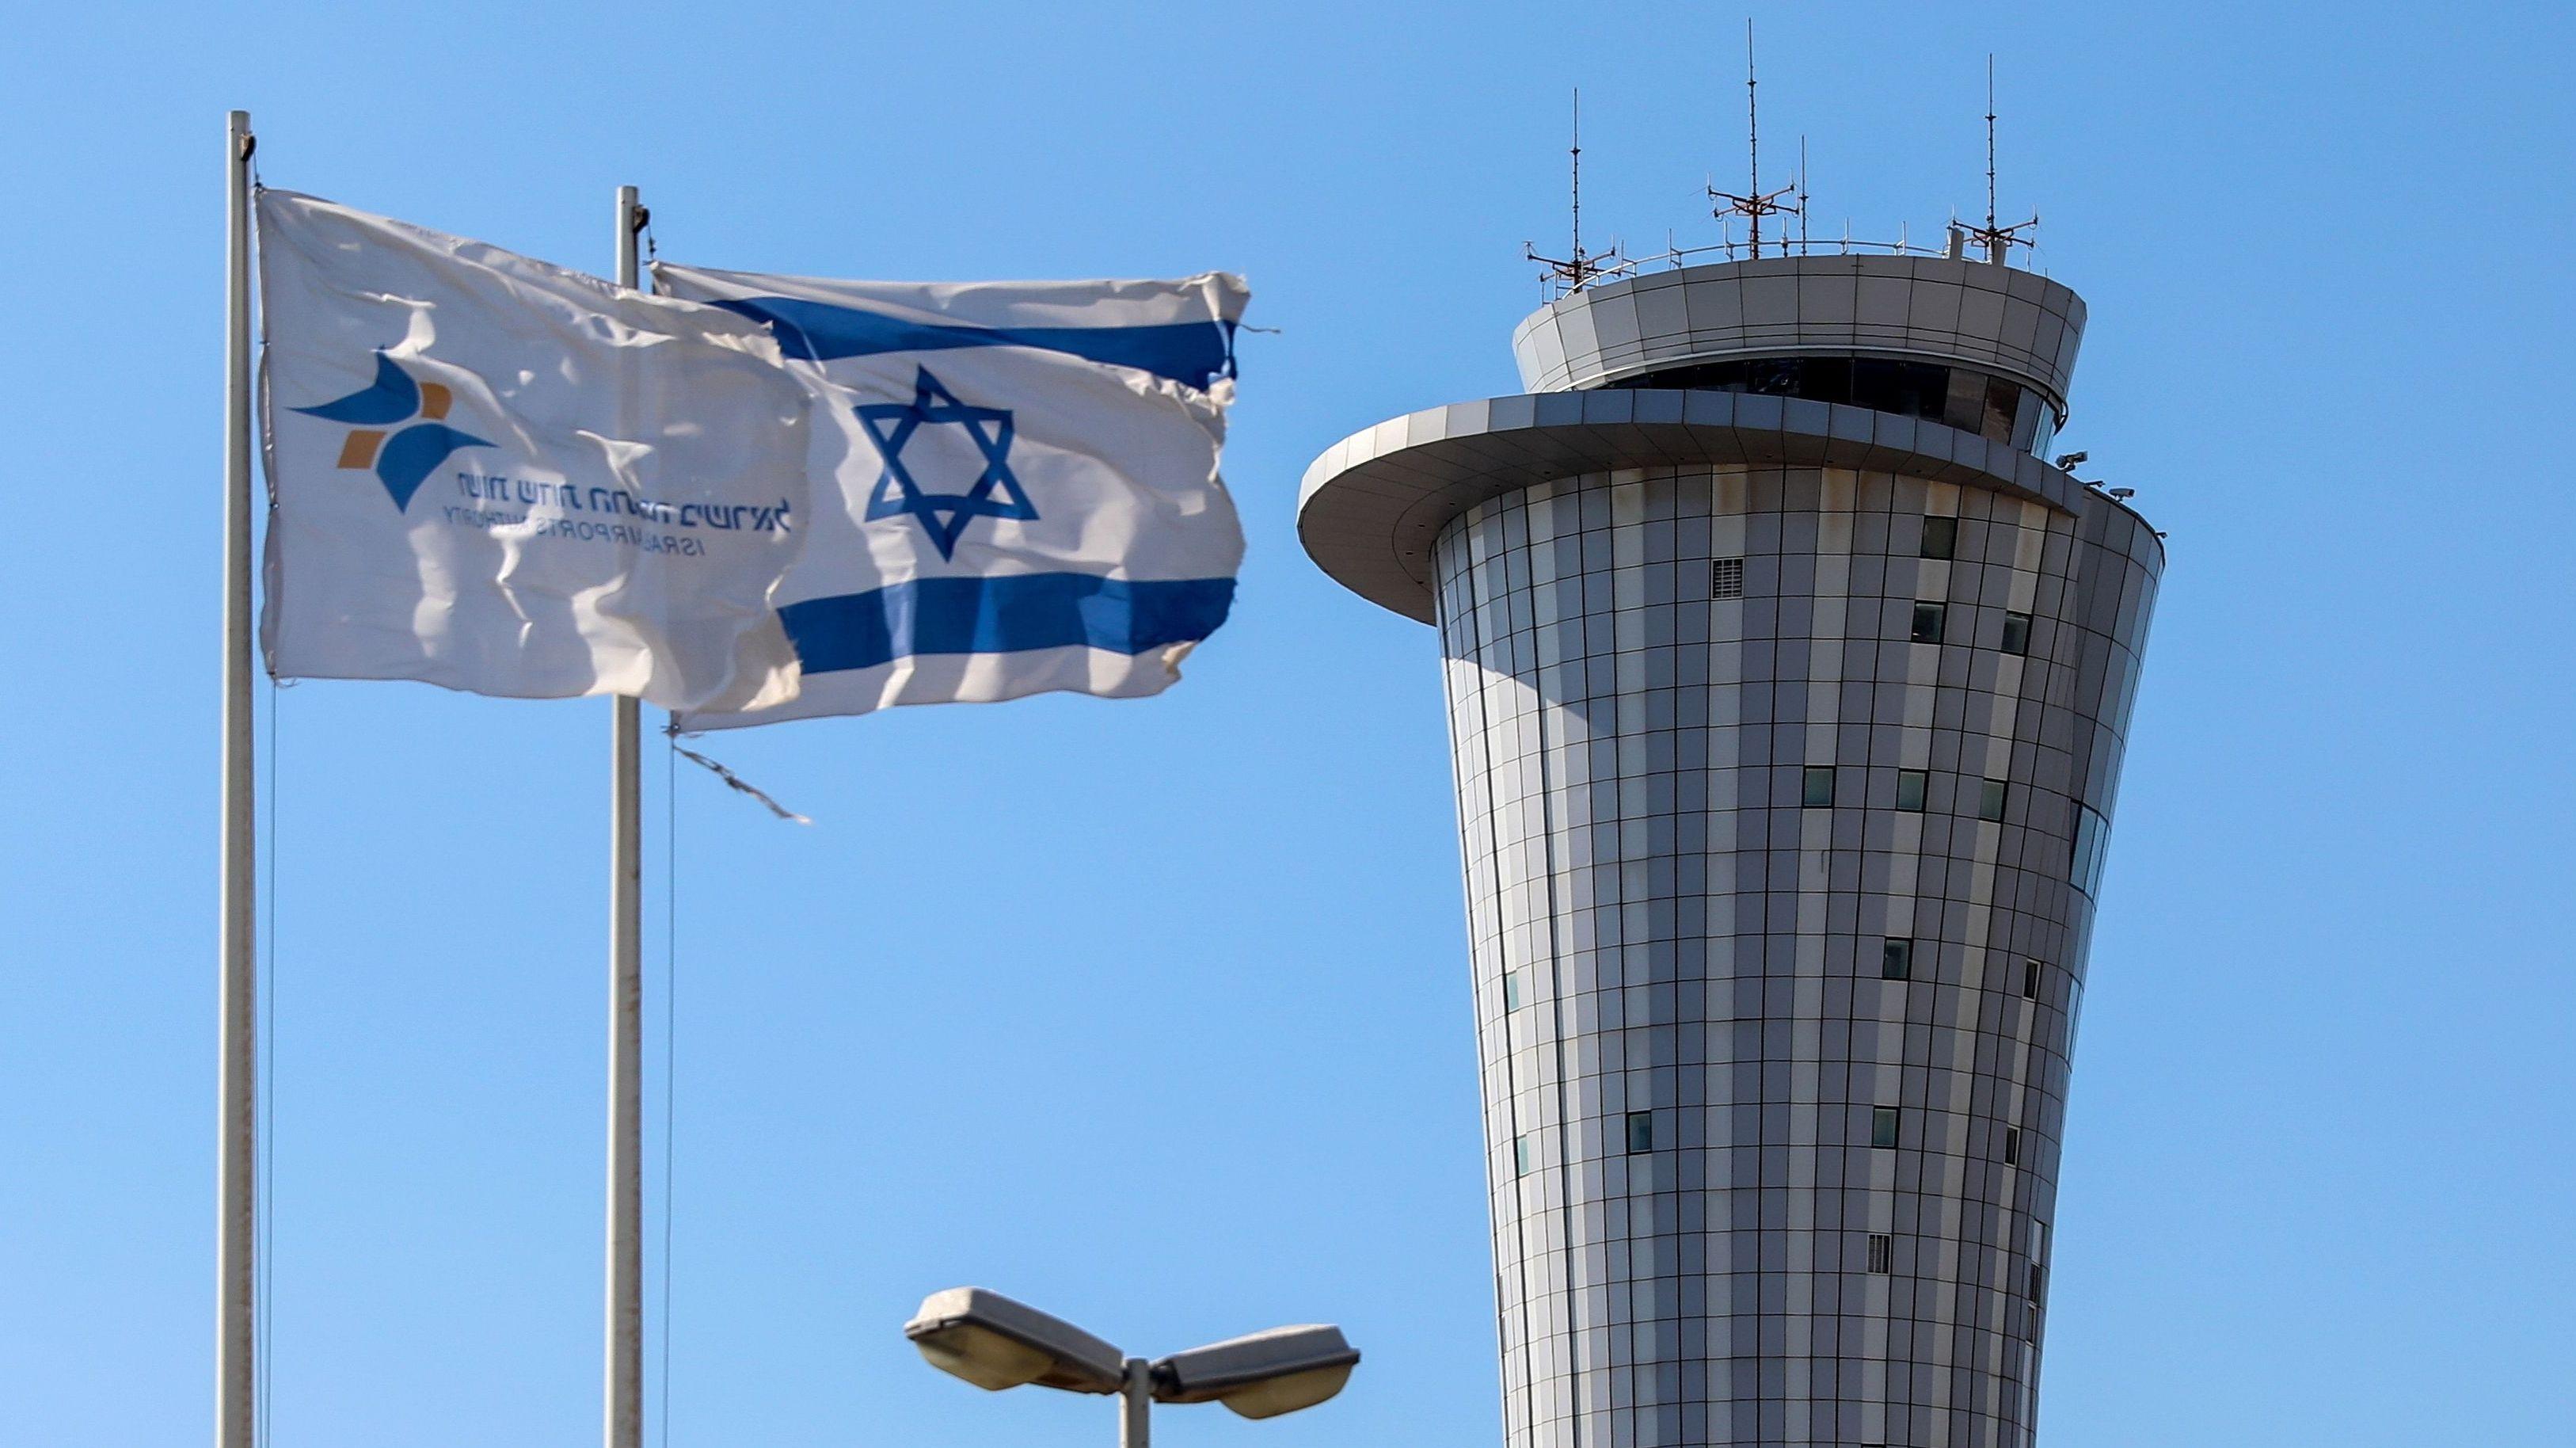 Airport Ben Gurion in Tel Aviv